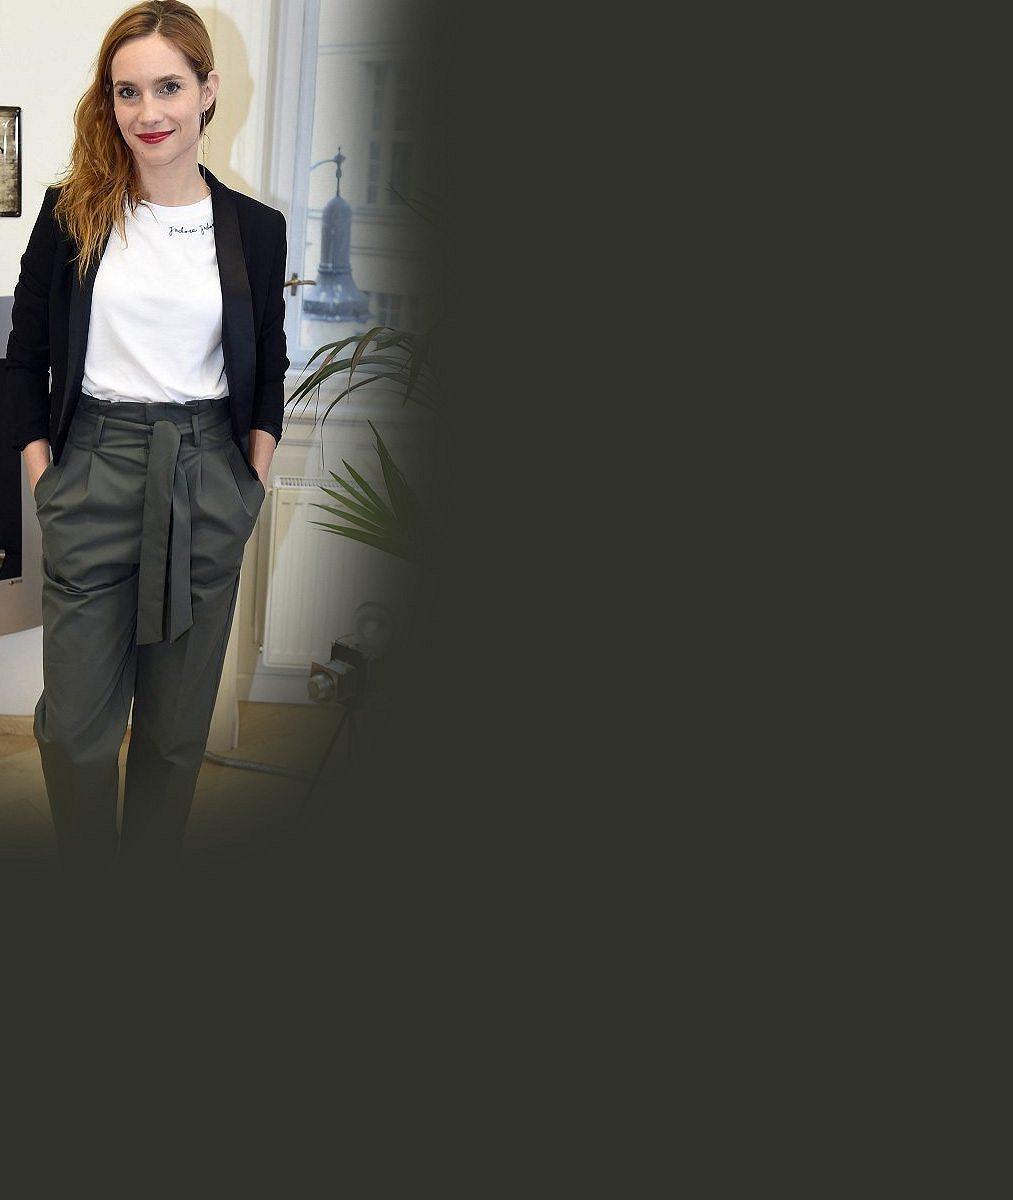 Proměnila se v něžnou princeznu: Krásná Hana Vagnerová si opět vyzkoušela roli modelky